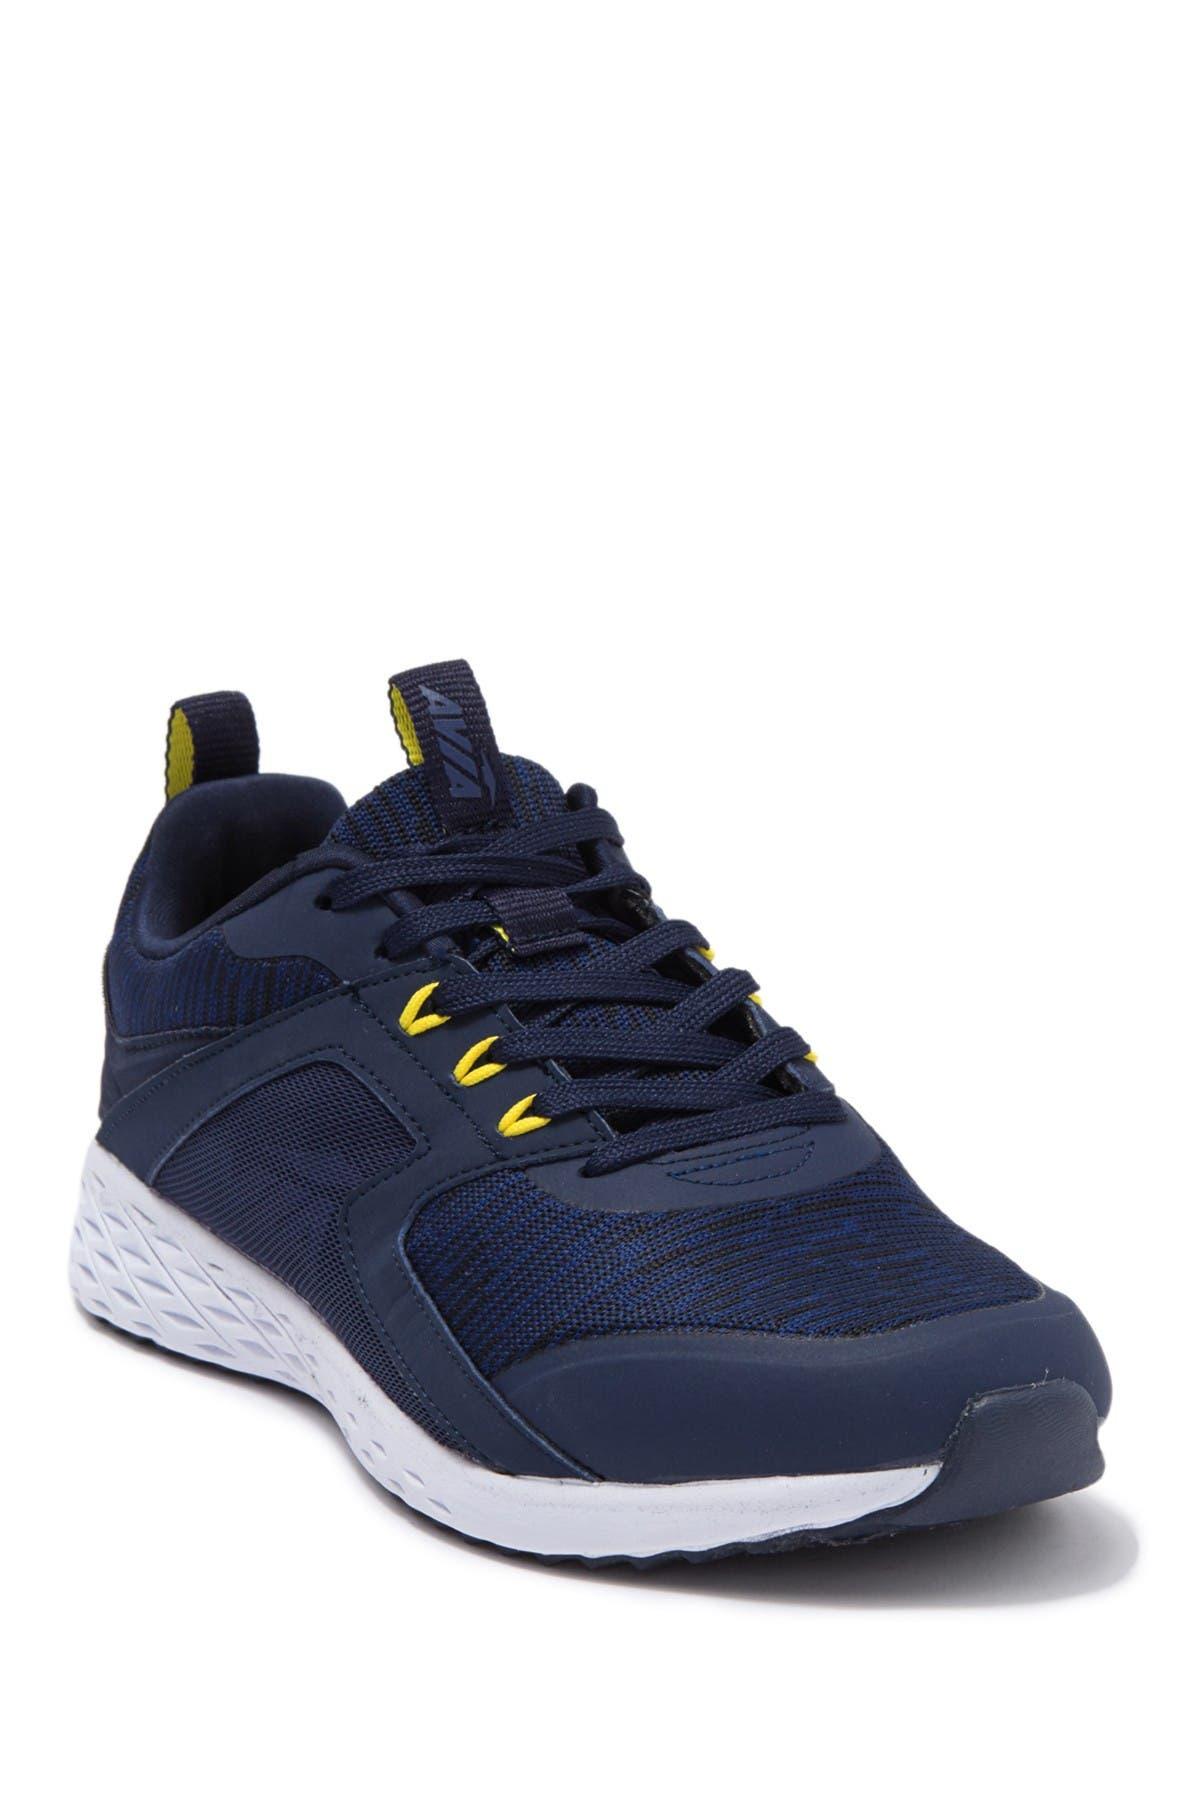 Image of AVIA Avi Ryder Sneaker